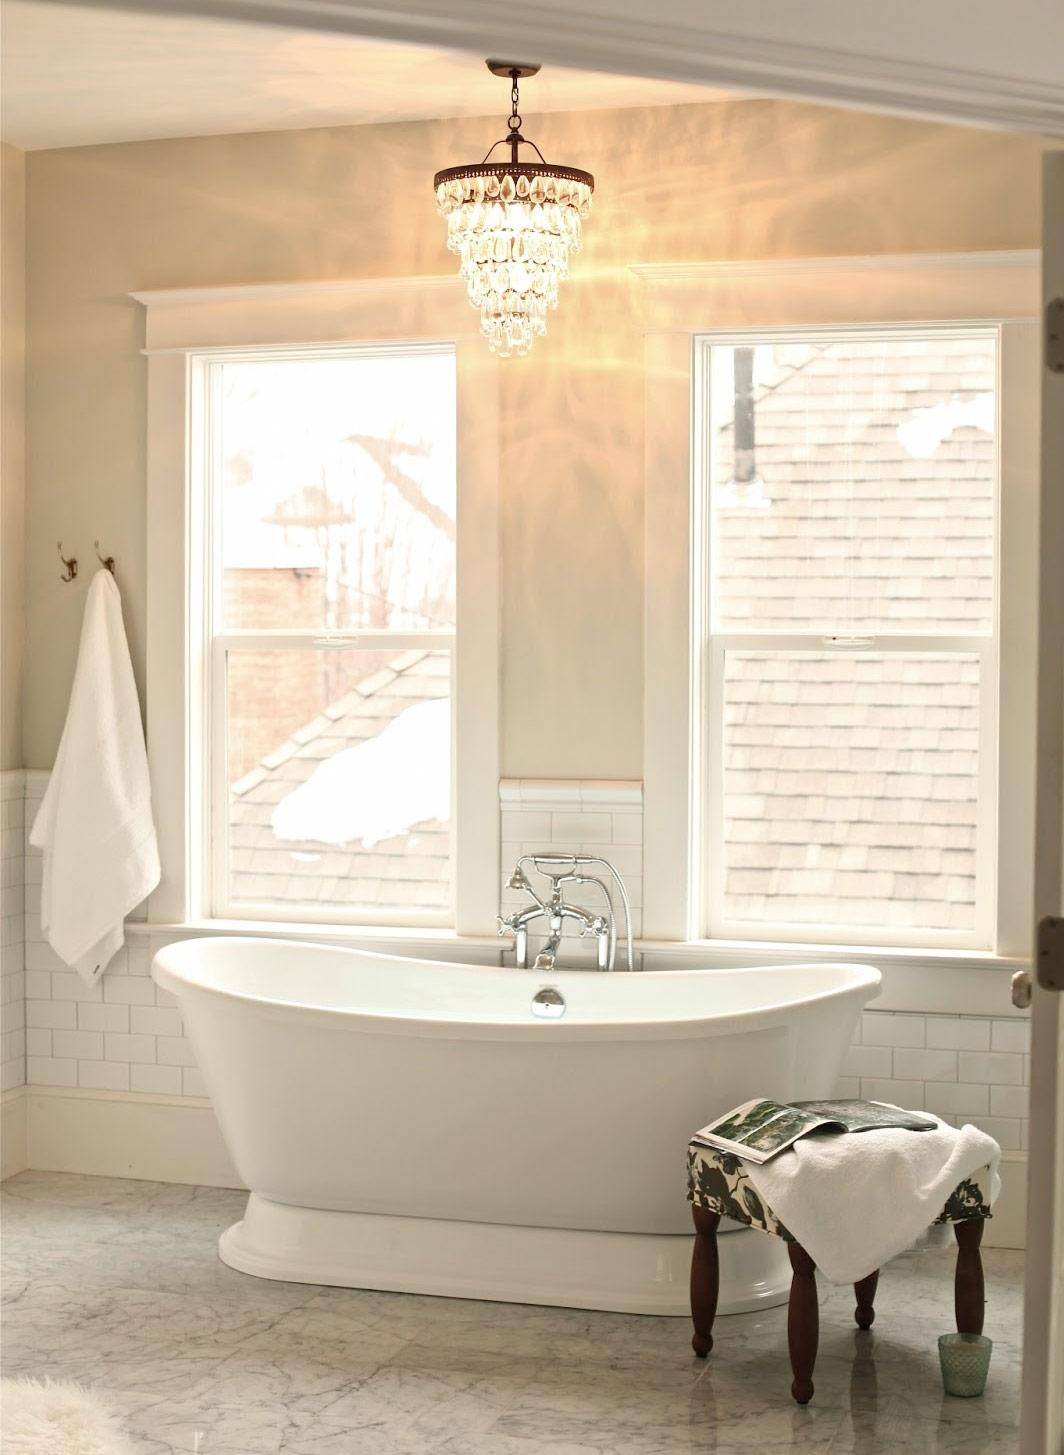 Preferred Chandelier Bathroom Lighting Fixtures Within Vintage Bathroom Lighting Ideas Sconces 1950's Light Fixtures (View 11 of 15)